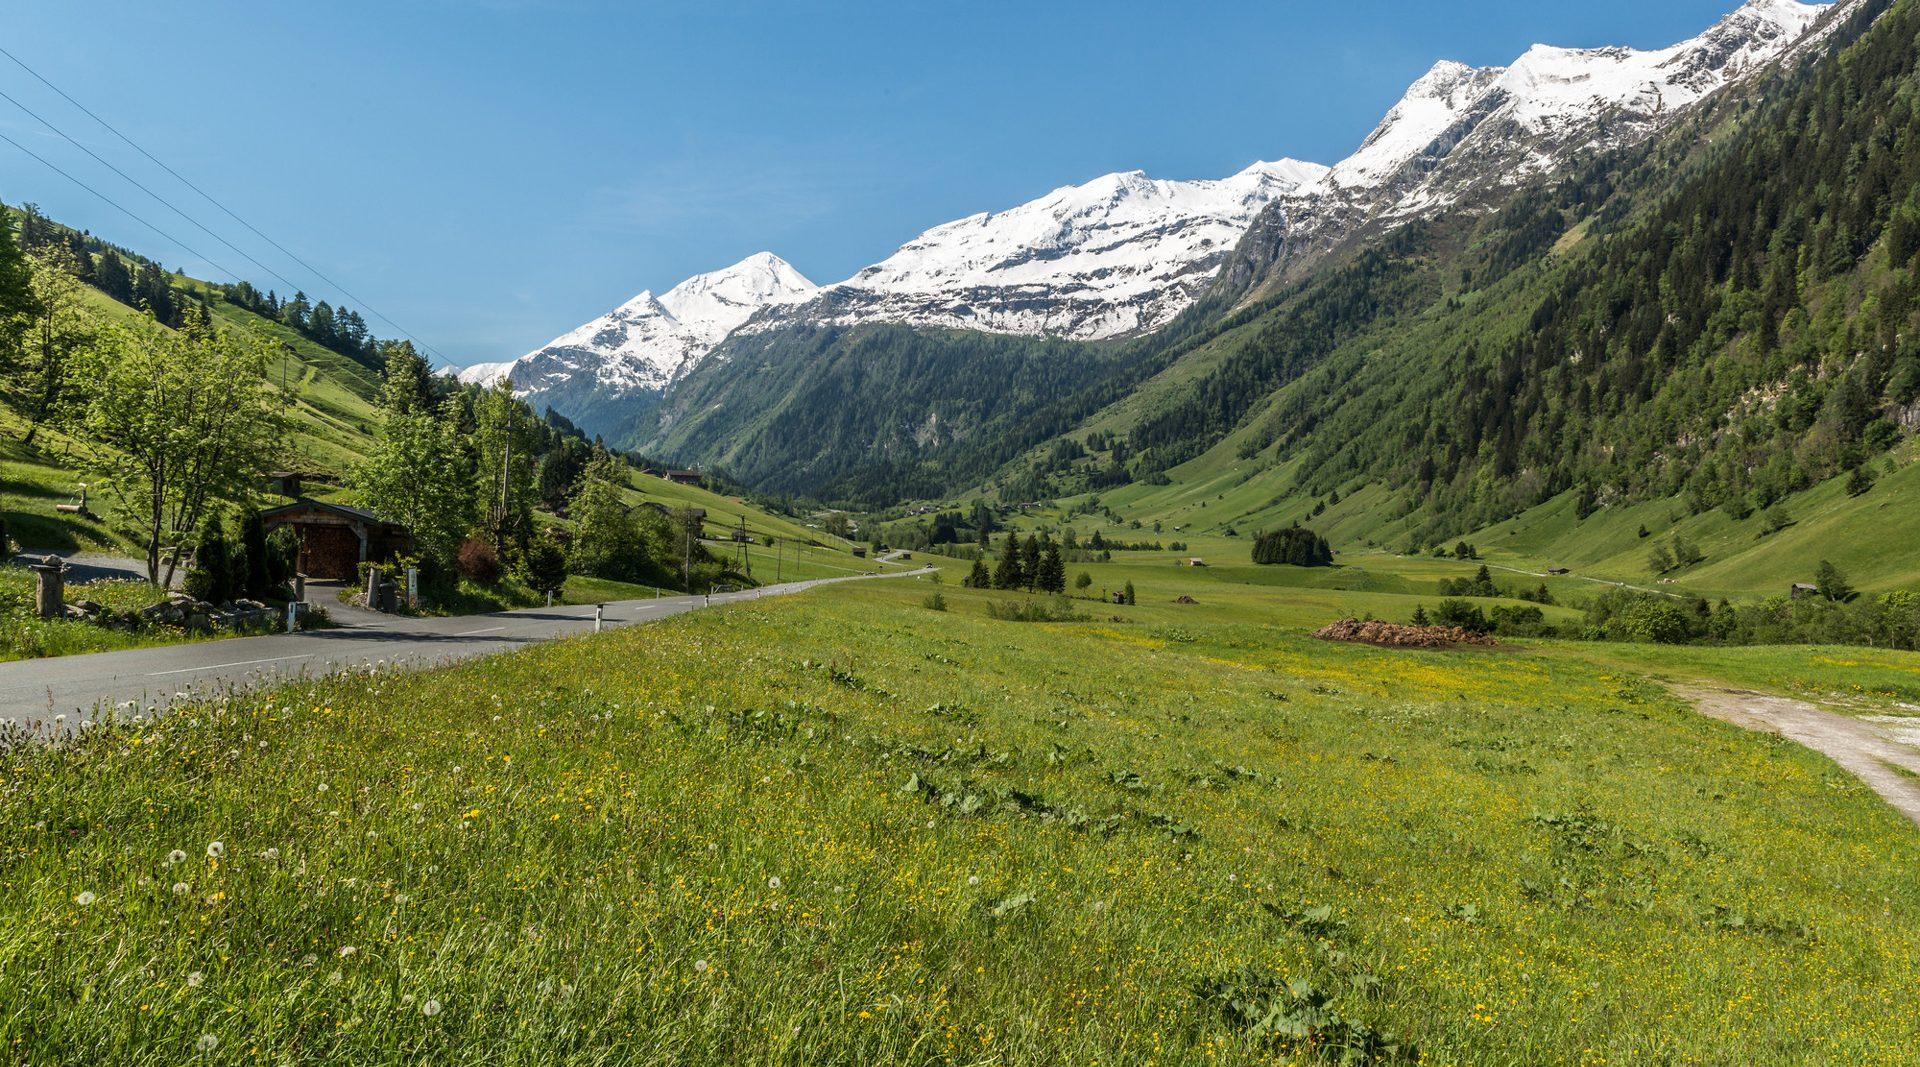 Raurisertal mit Blick auf die schneebedeckten Berggipfel im Hintergrund